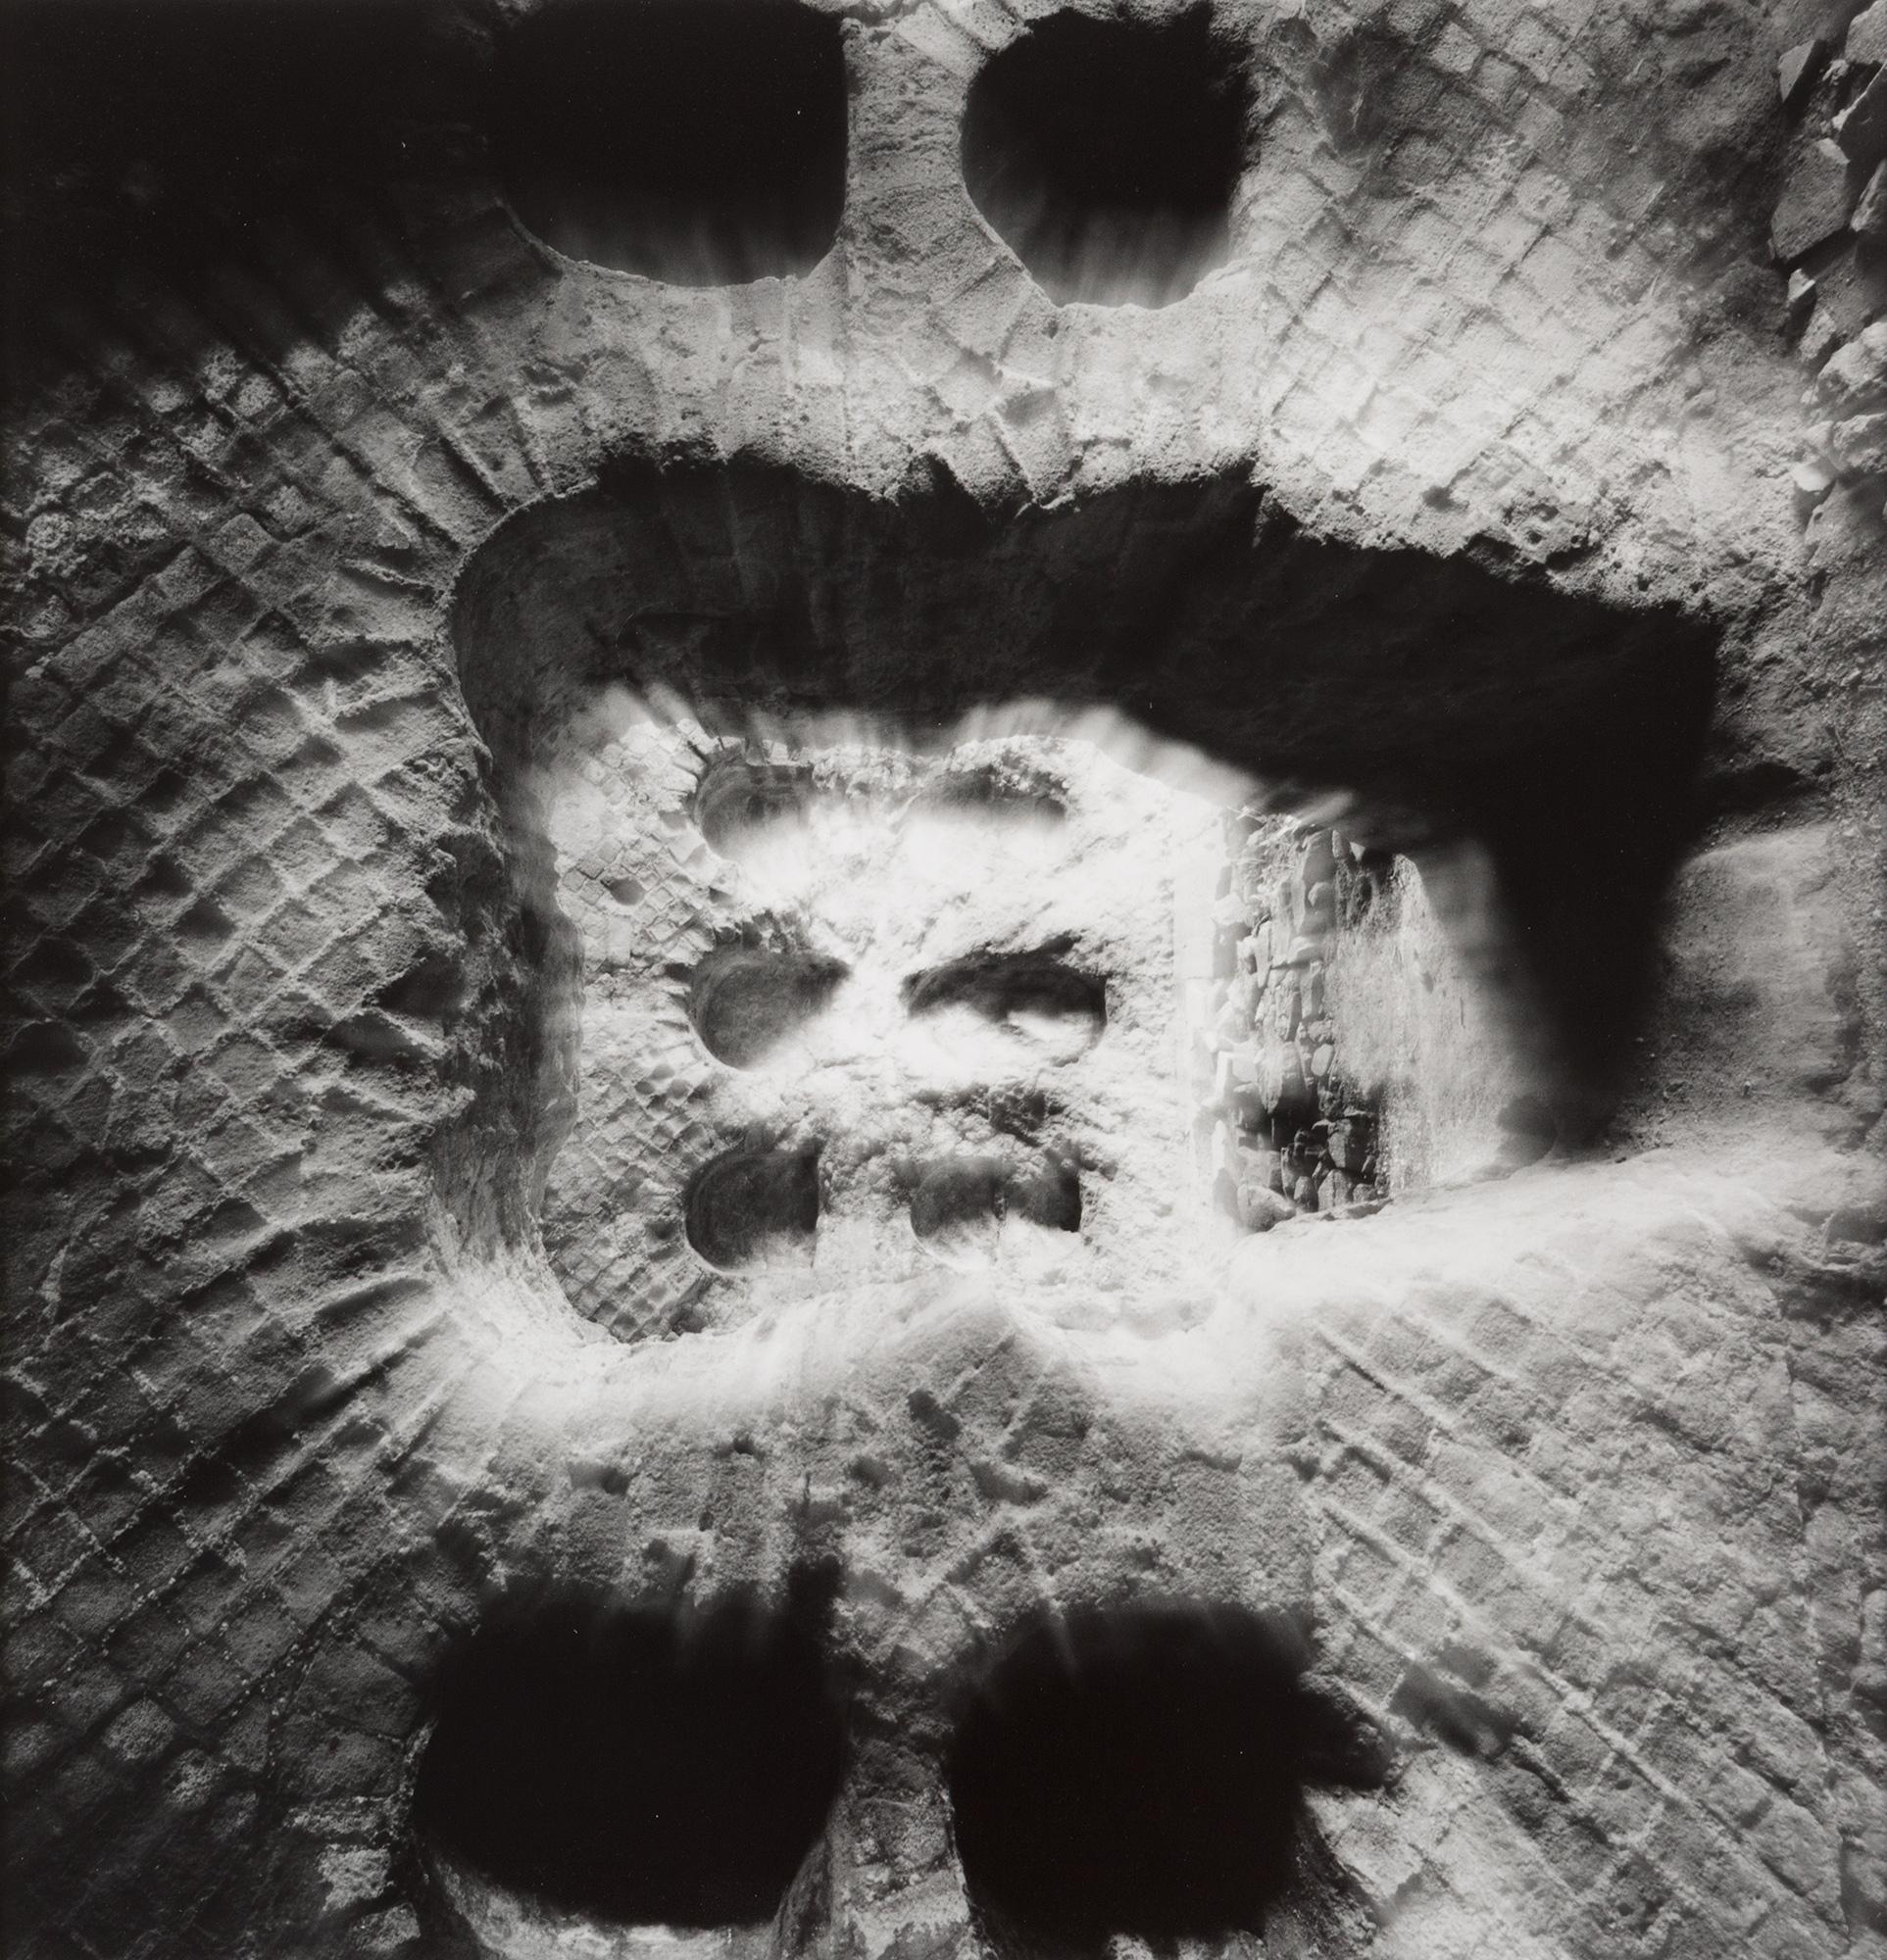 Pozzuoli, 1992